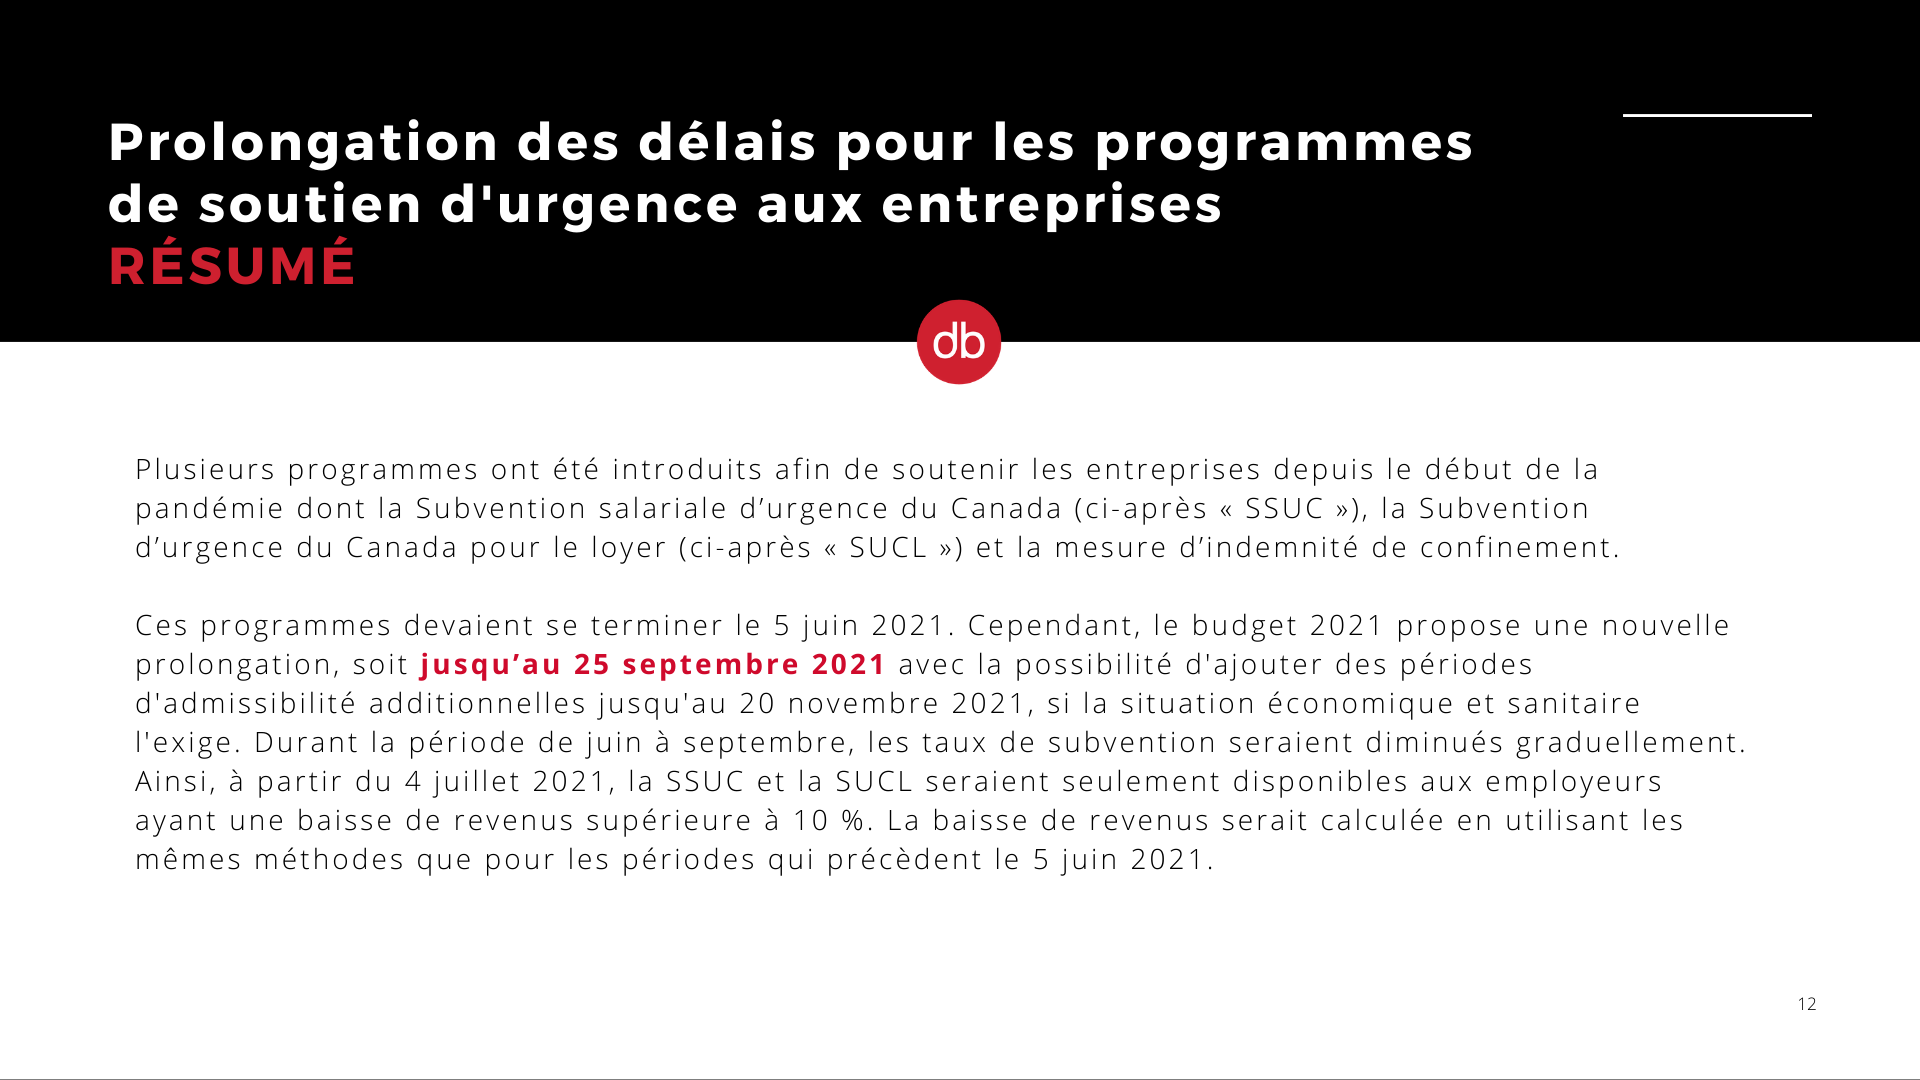 Budget fédéral 2021 - Prolongation des délais pour les programmes de soutien d'urgence aux entreprises